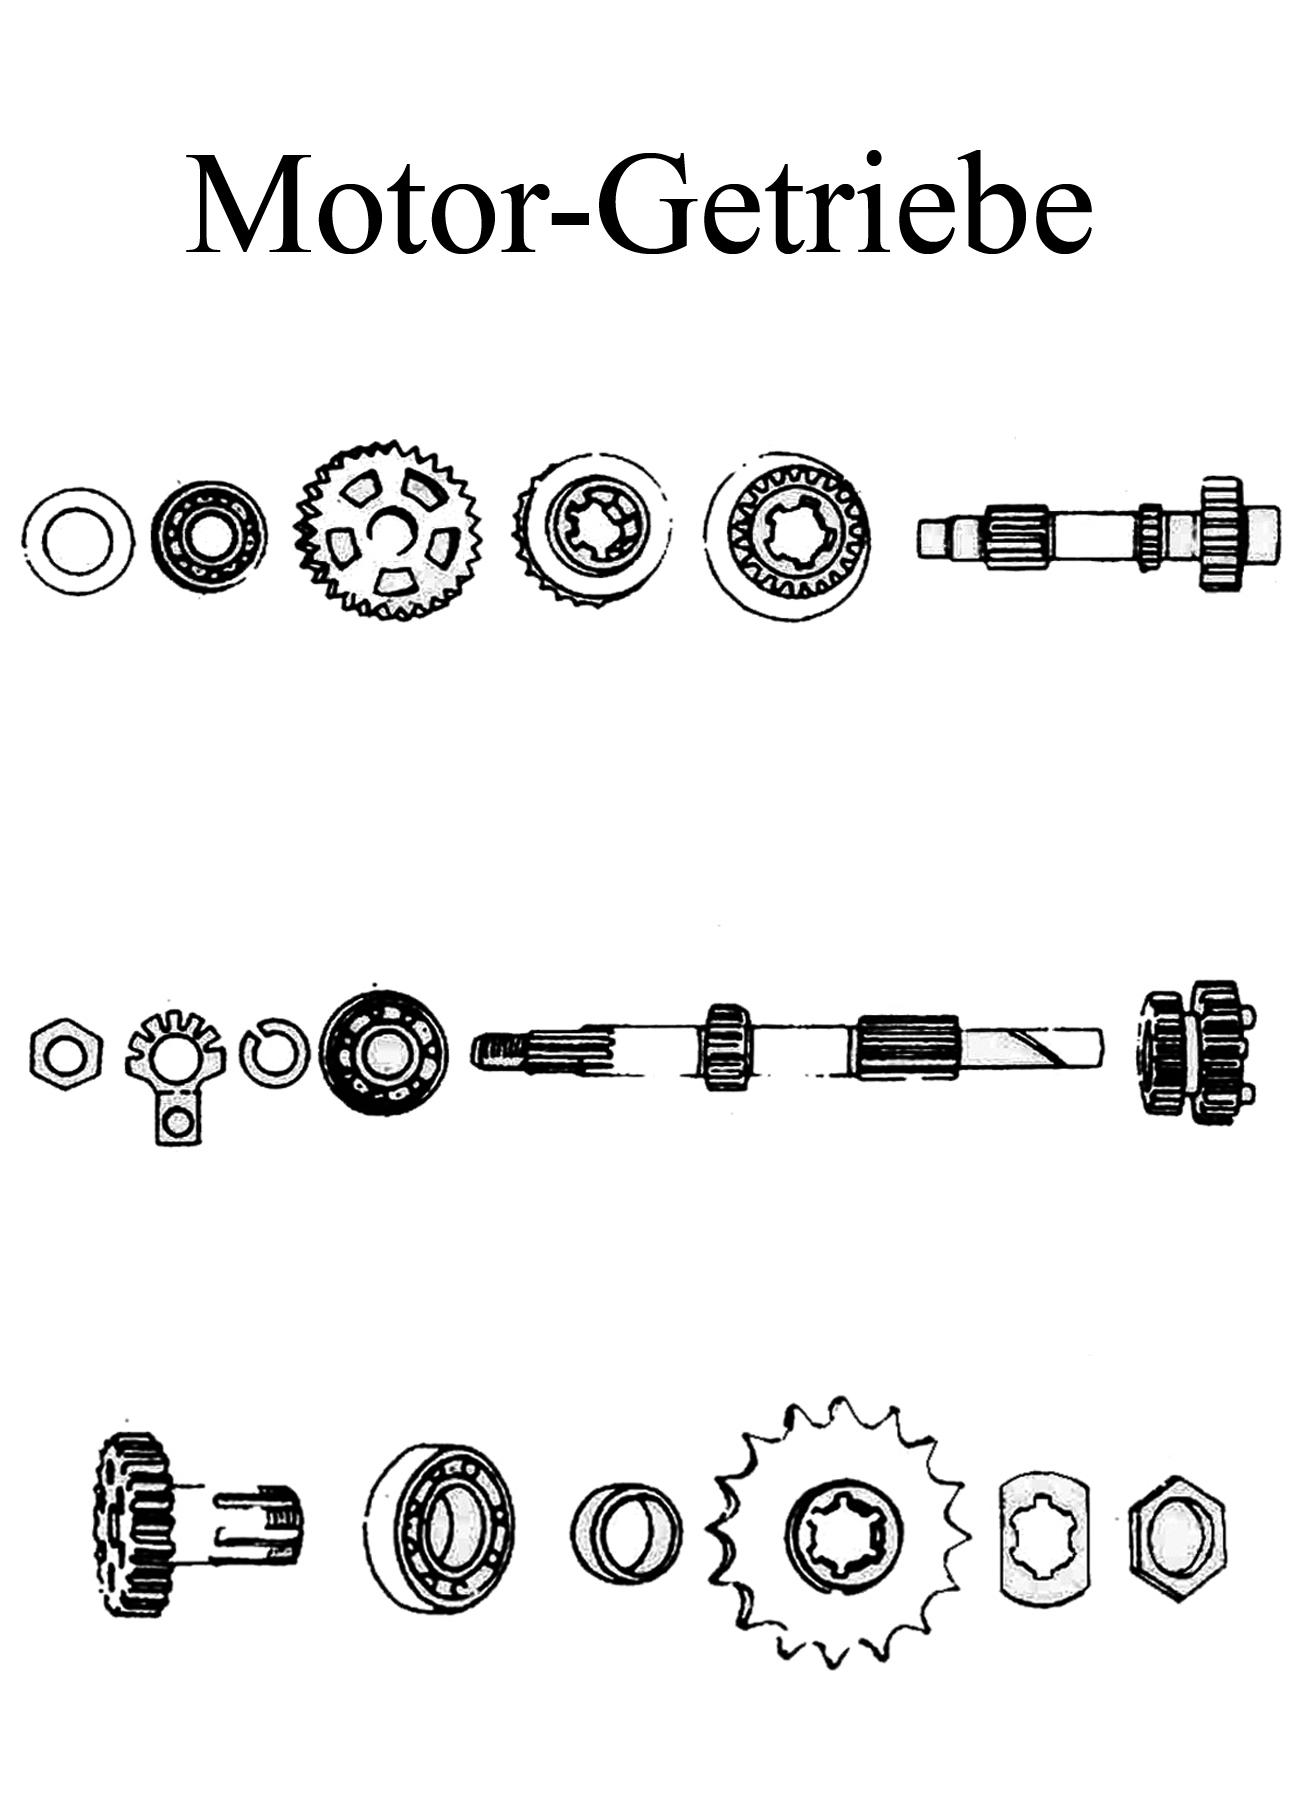 MZ TS 125 150 Ersatzteile Motor Getriebe